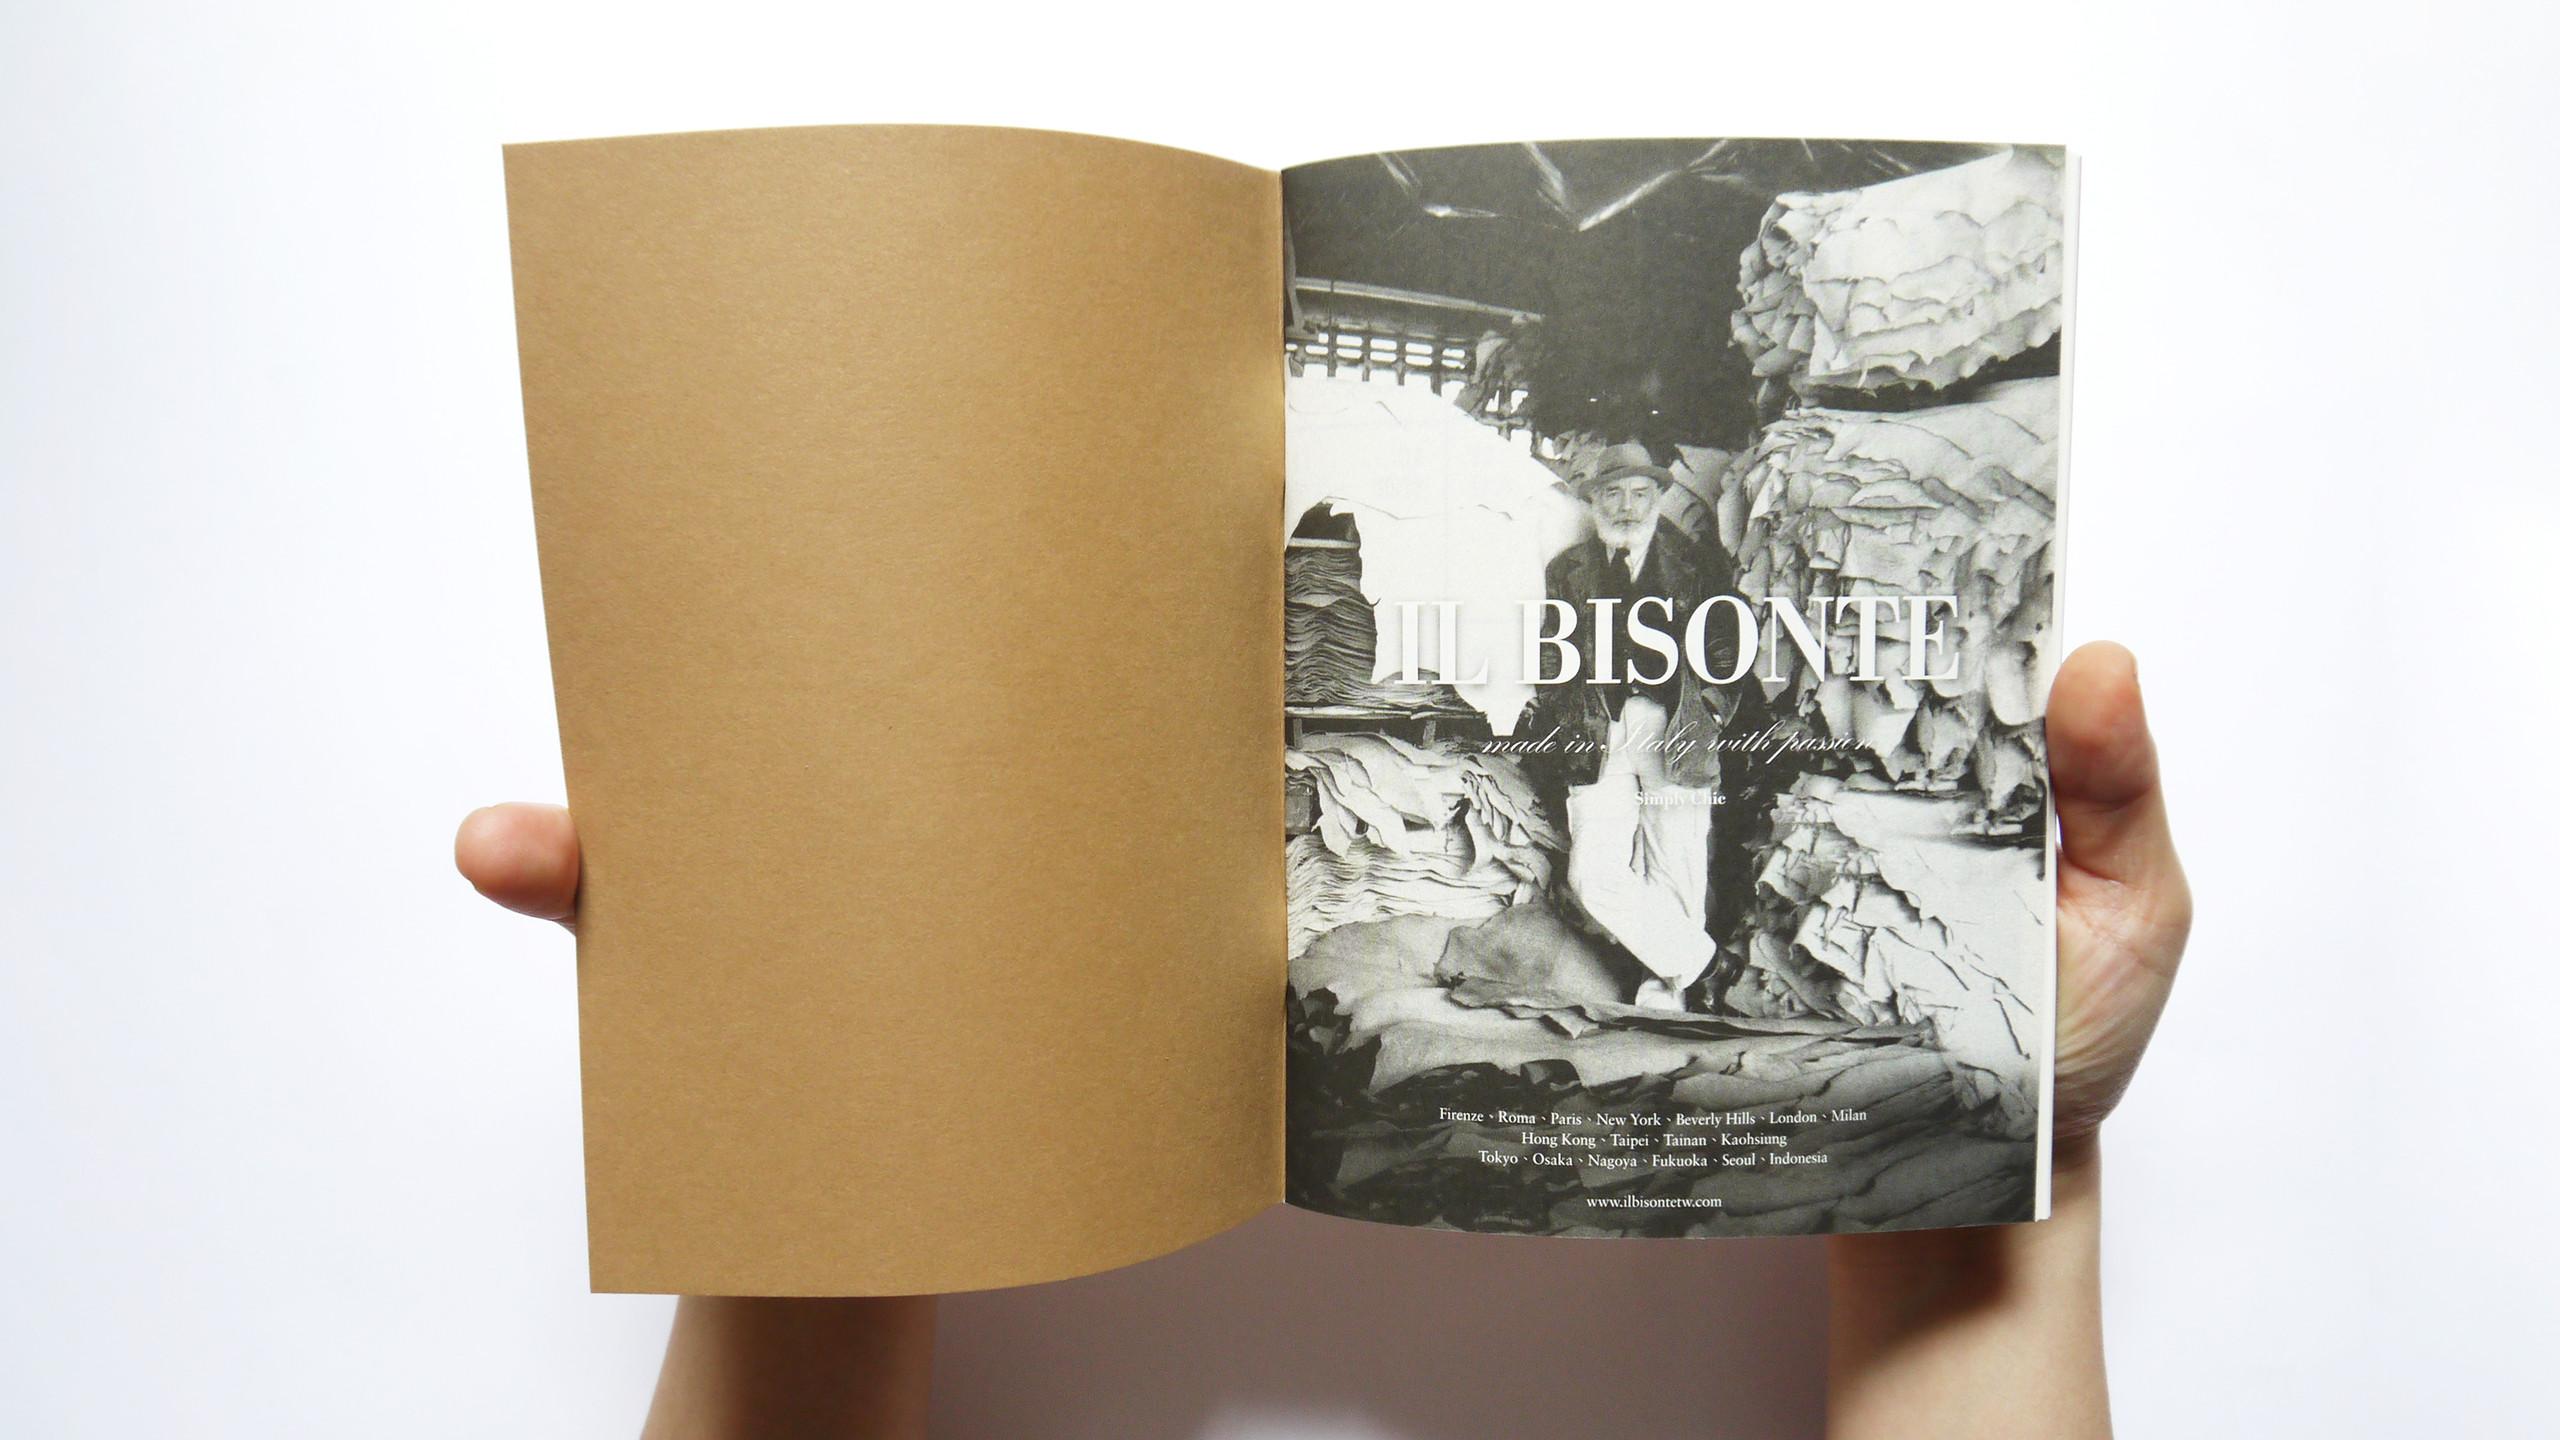 封面紙張為仿牛皮特殊紙材 (撕不破,防潑水)